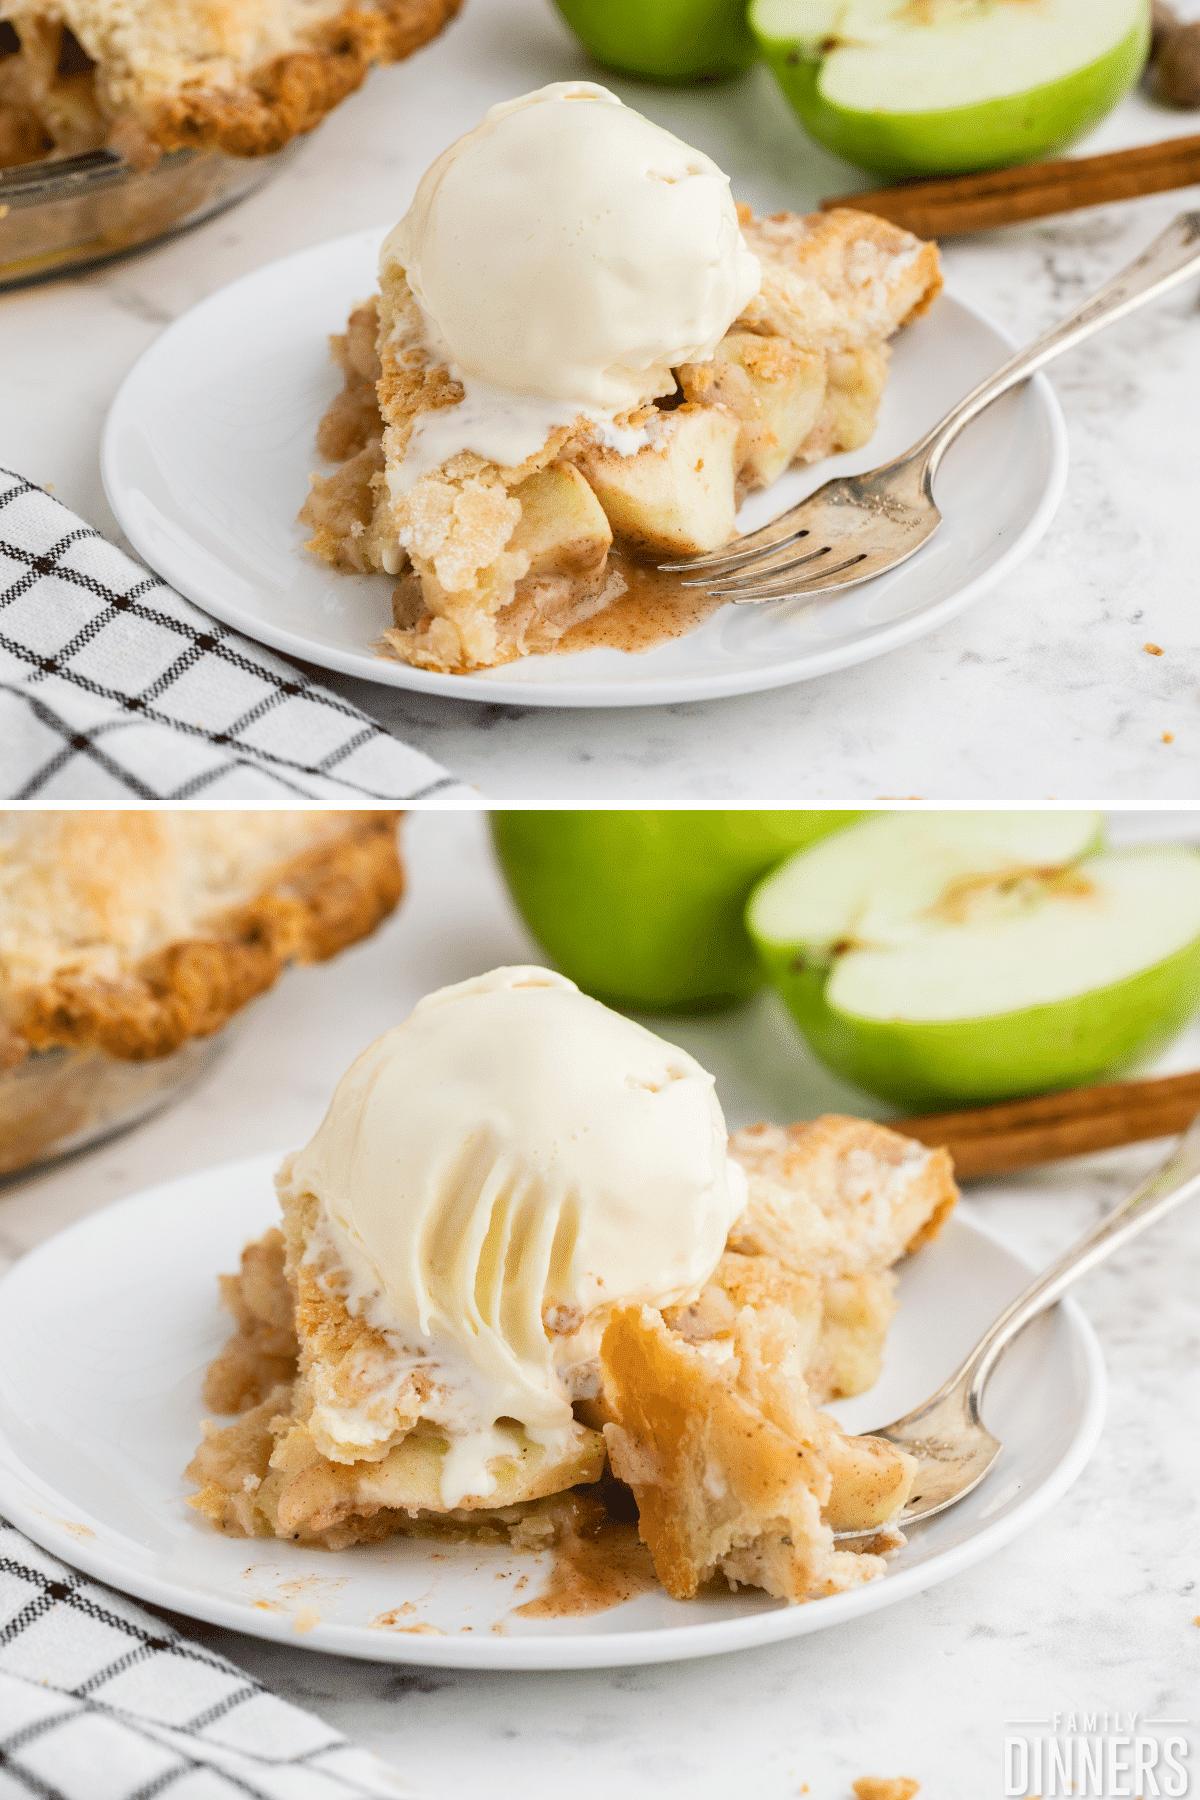 apple pie slice on white plate with vanilla ice cream scoop